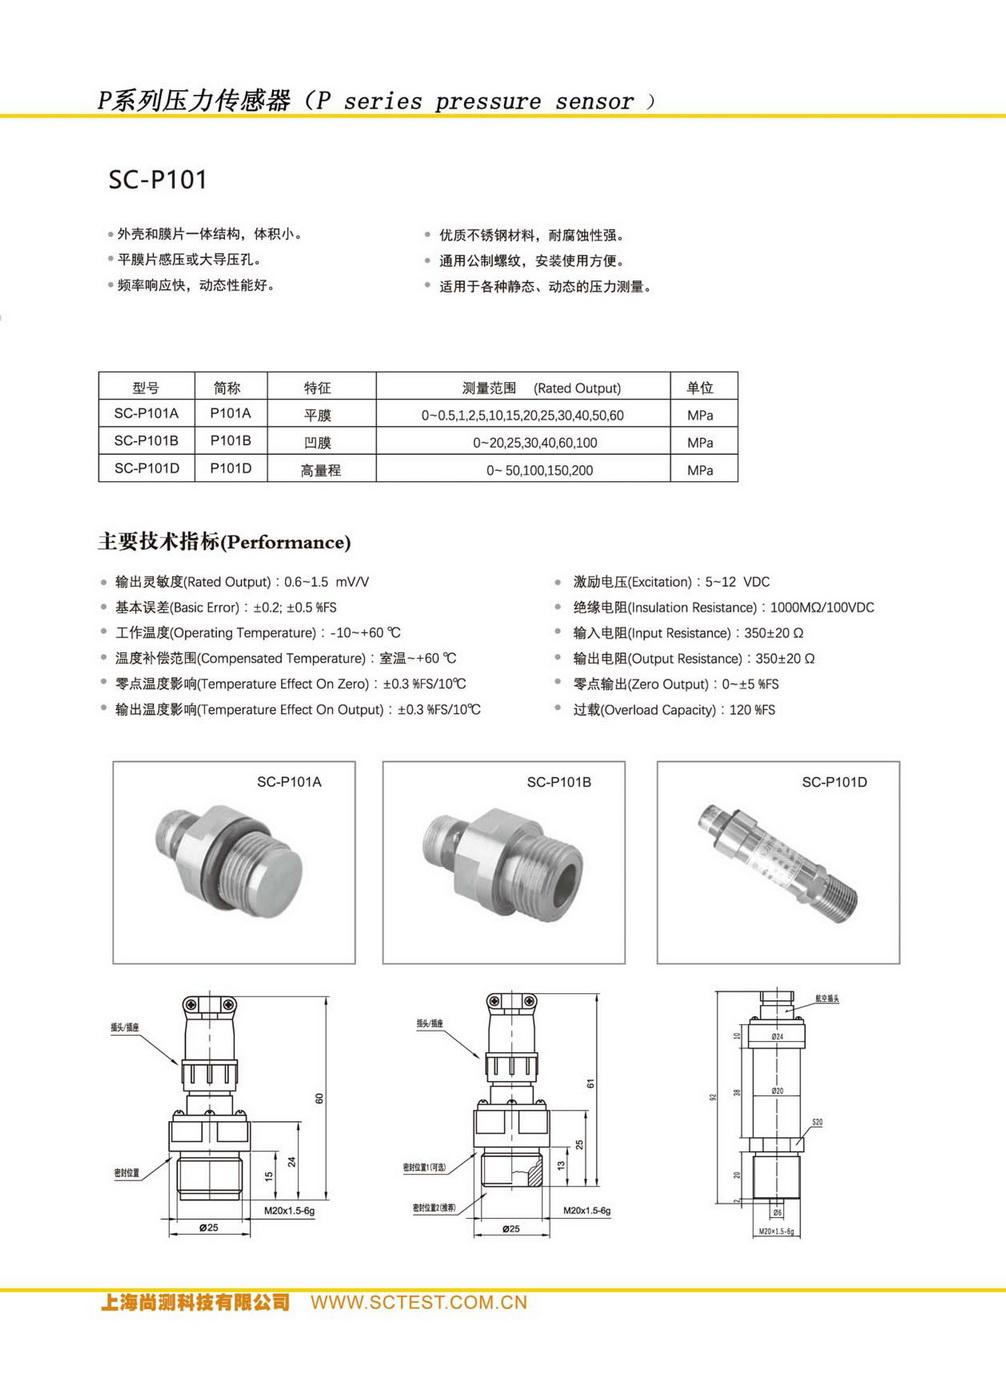 尚测科技产品选型手册 V1.3_页面_27_调整大小.jpg